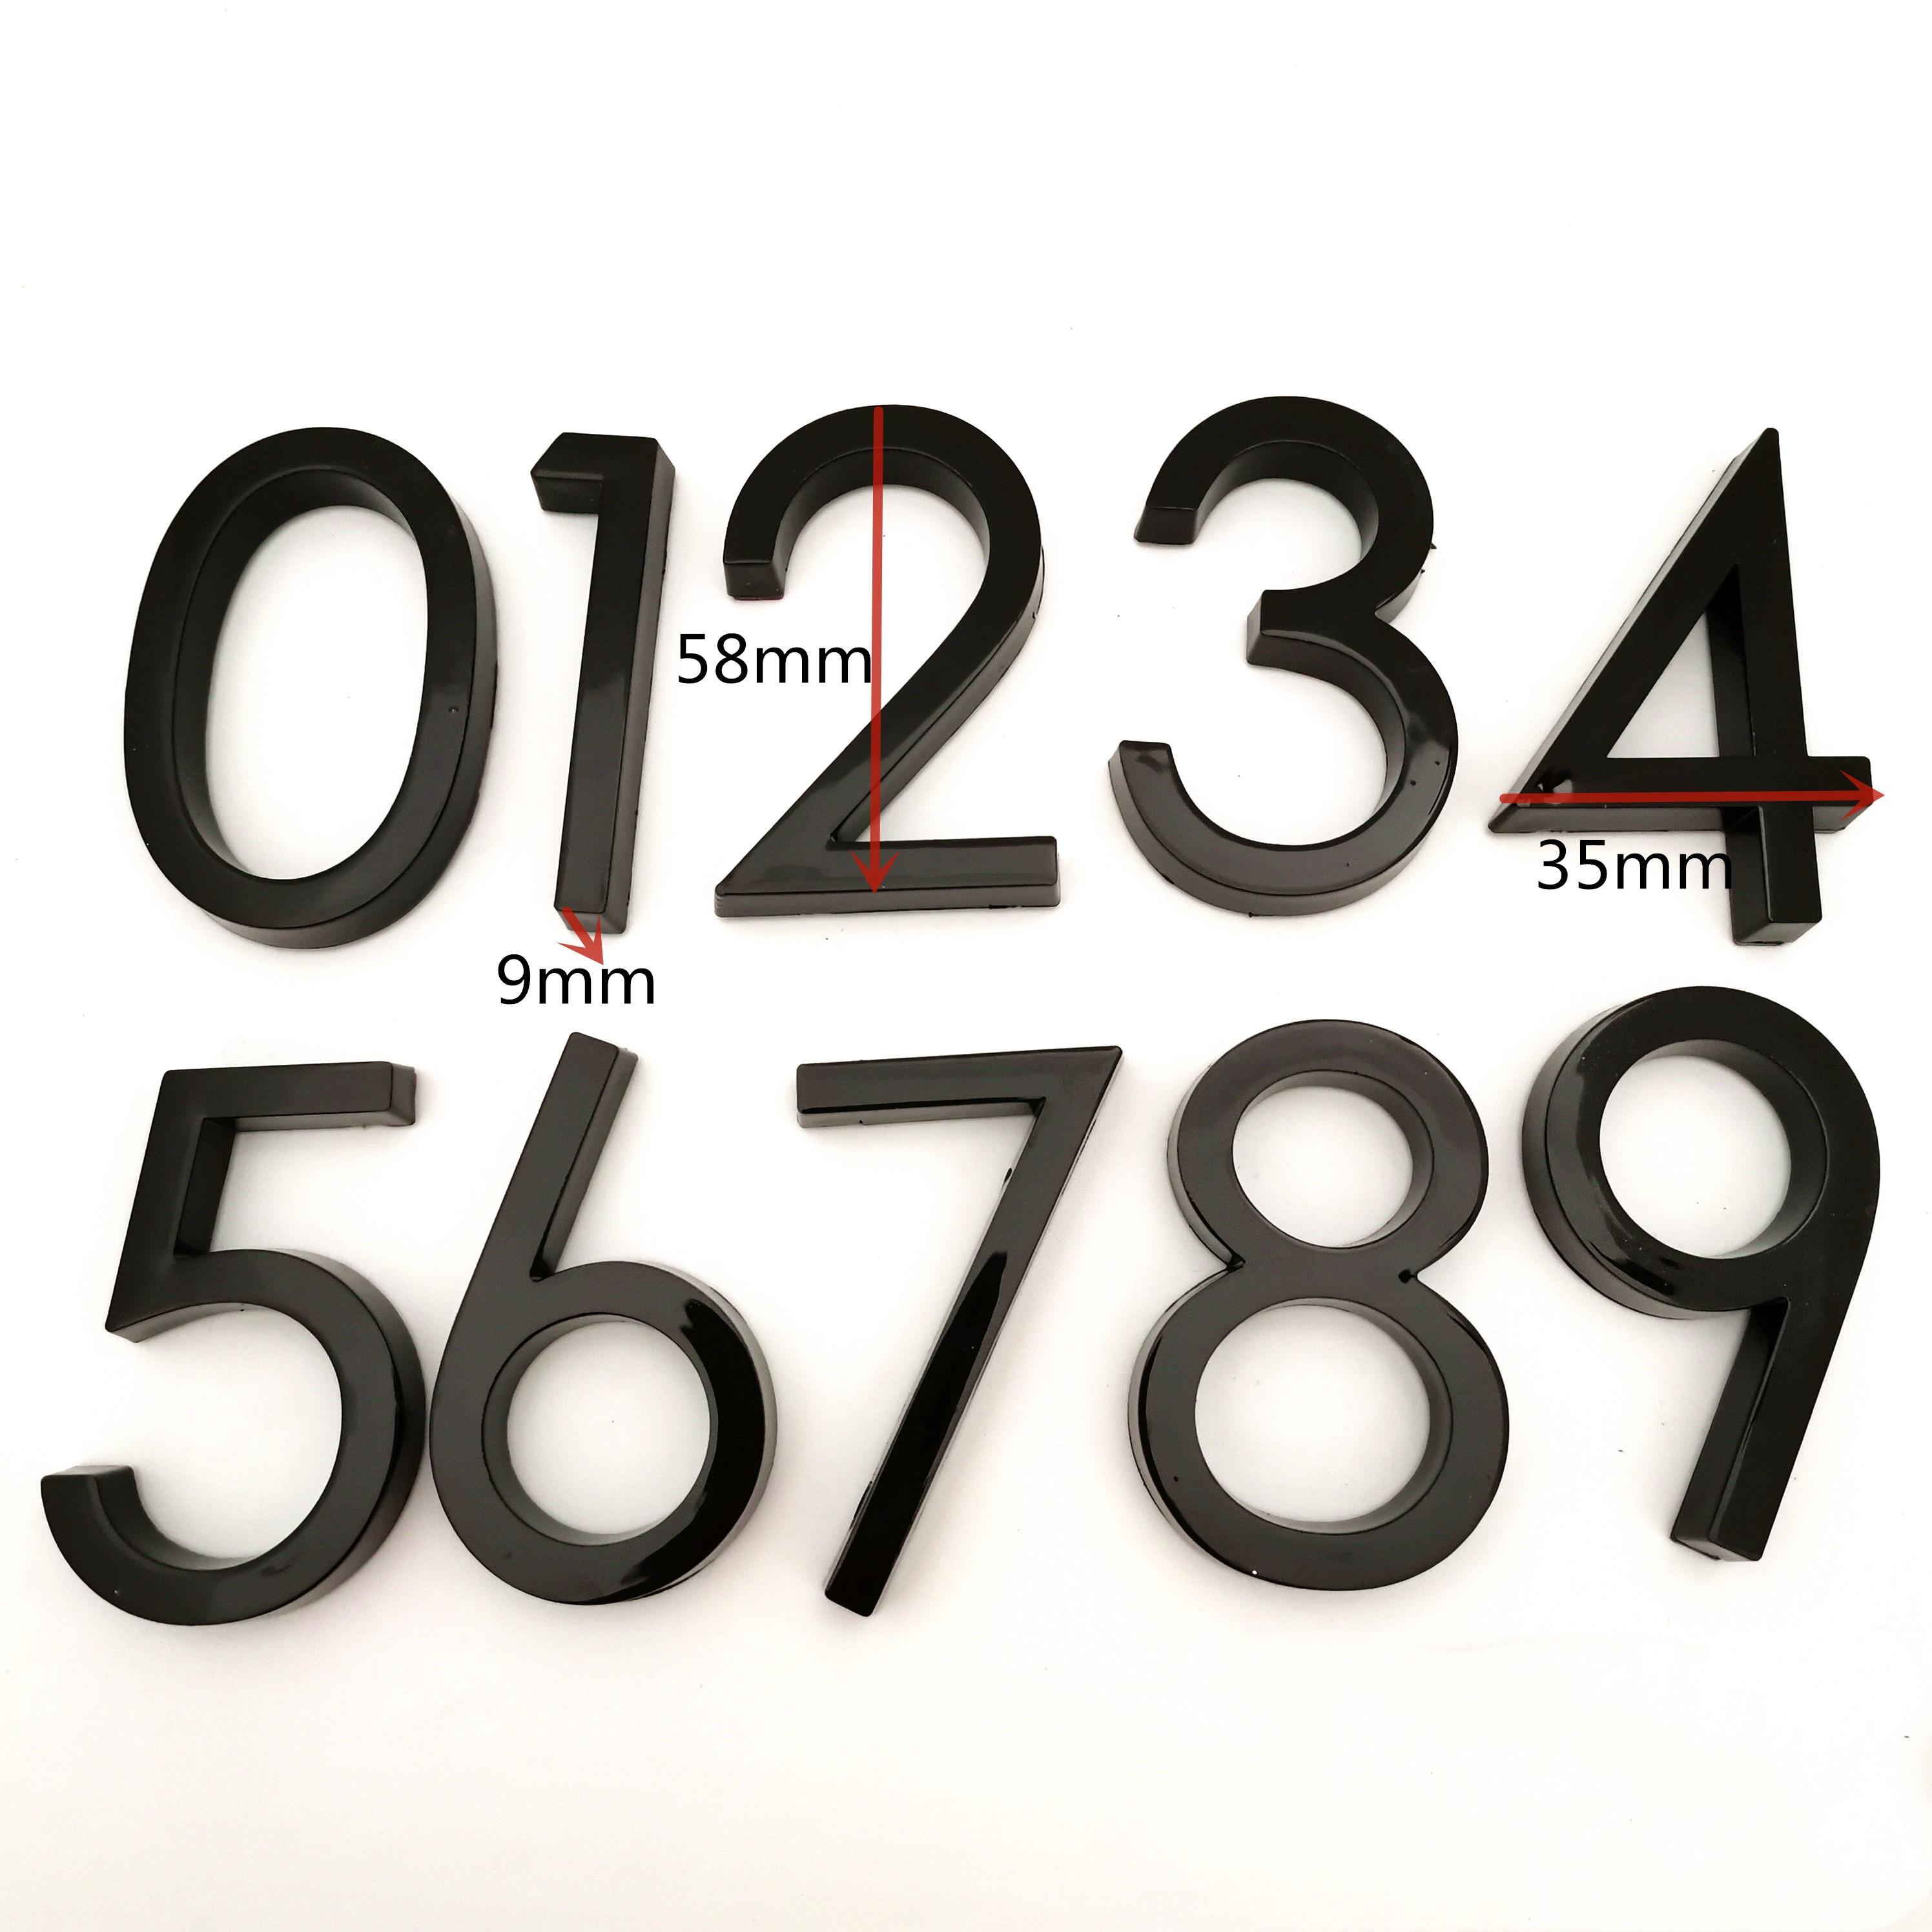 Endereço da porta dígitos 6cm preto número etiqueta 0 a 9 placa de plástico casa gaveta pltae assinar casamento decoração da casa placa da porta